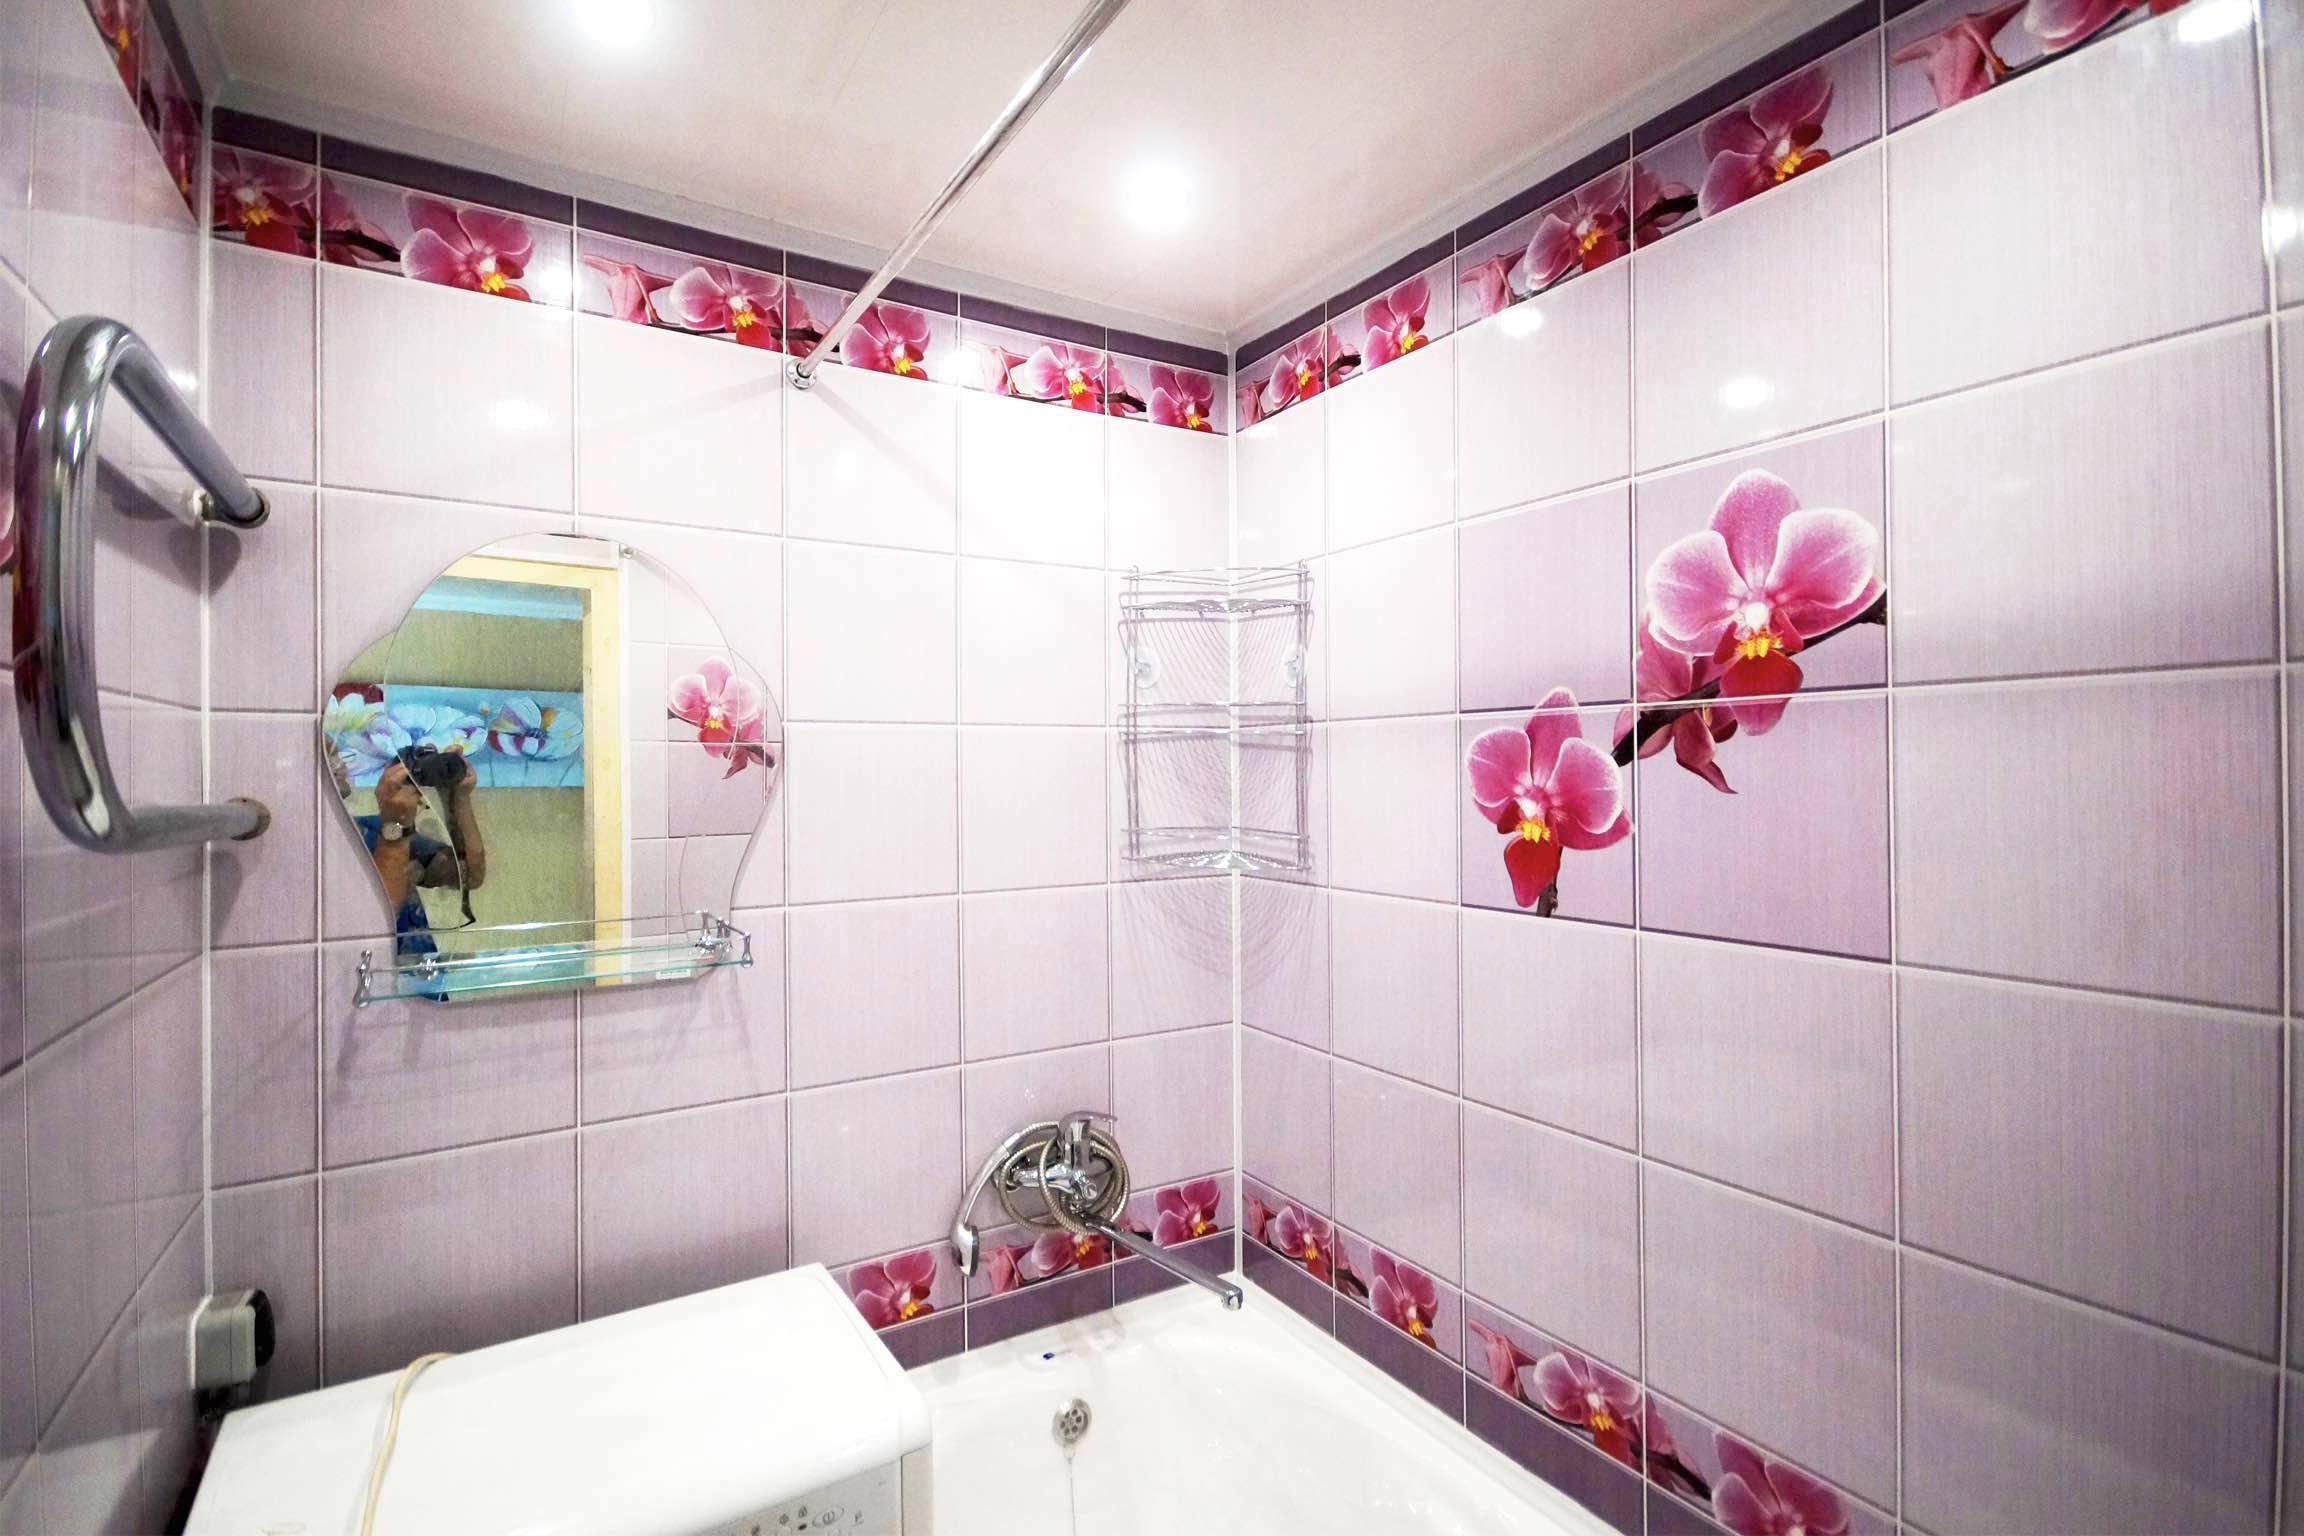 Размер панелей пвх для стен в ванной